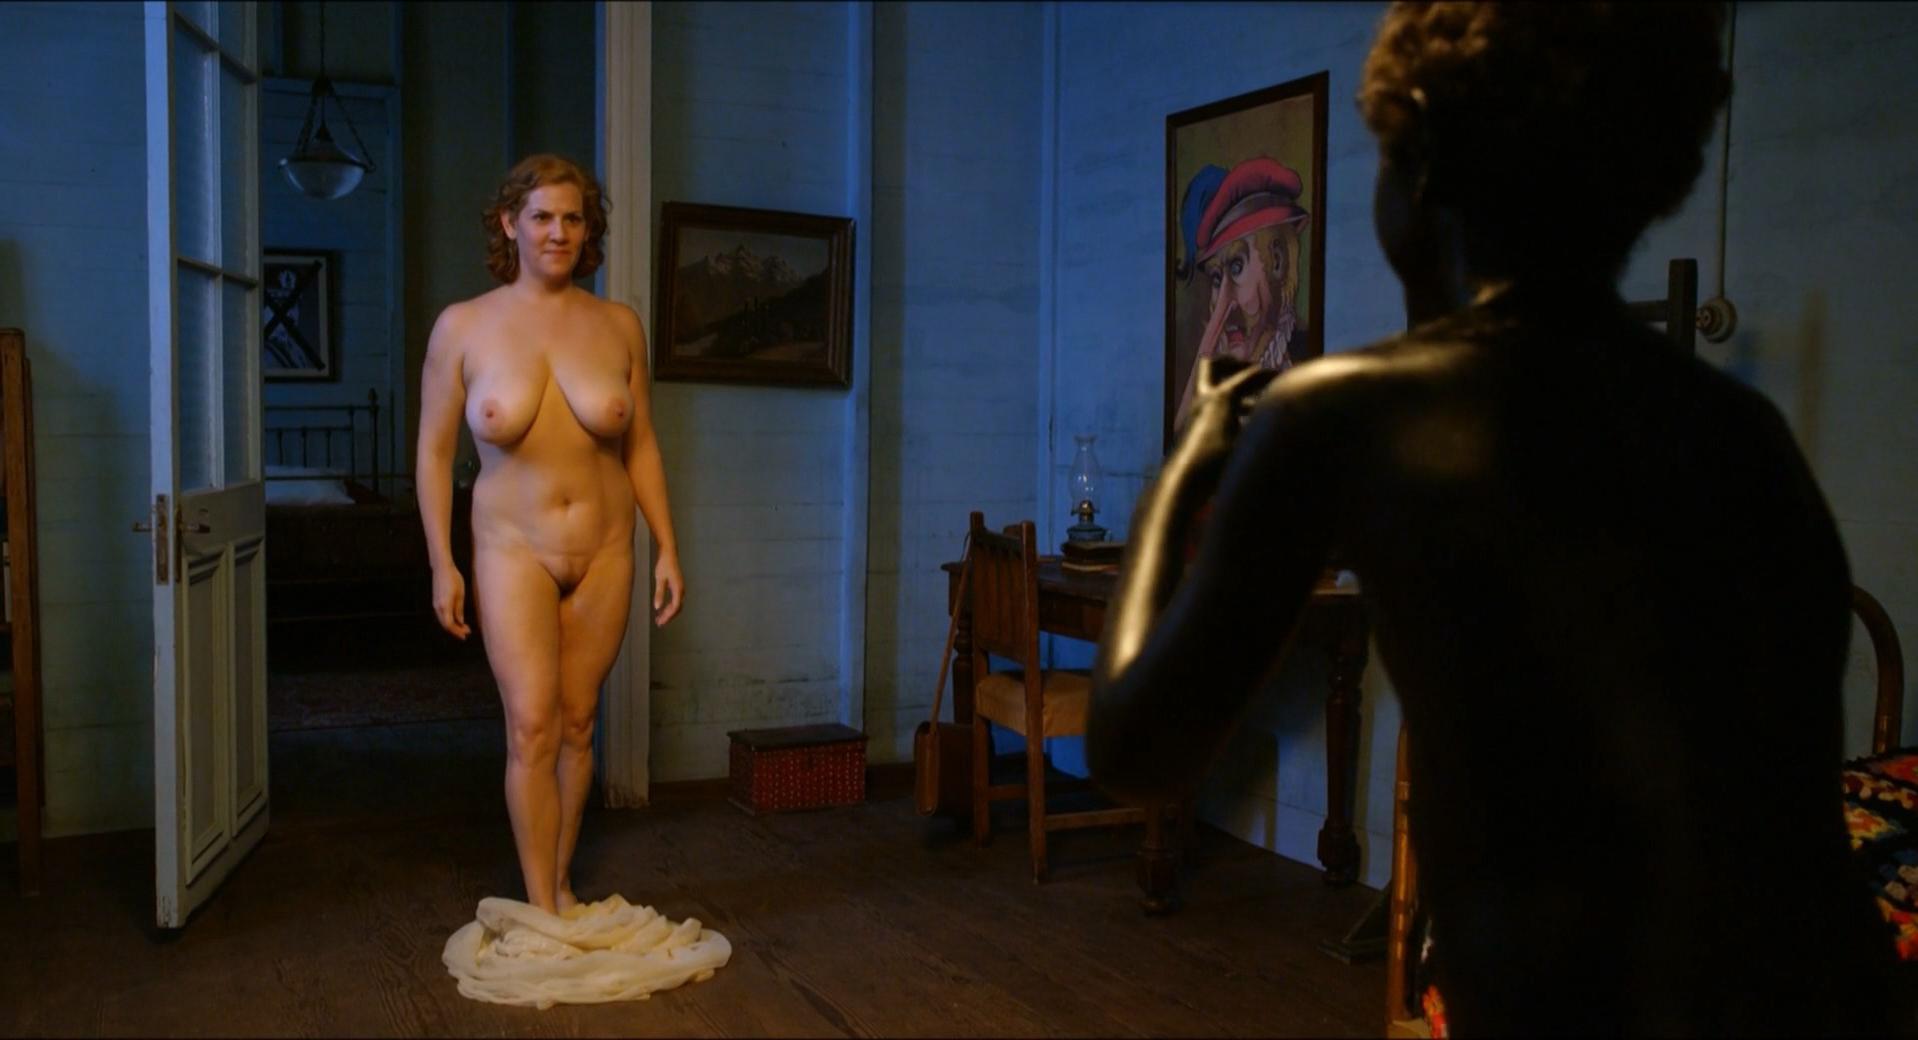 Woman in nude scene on walk hard, sexy teen free streaming vids